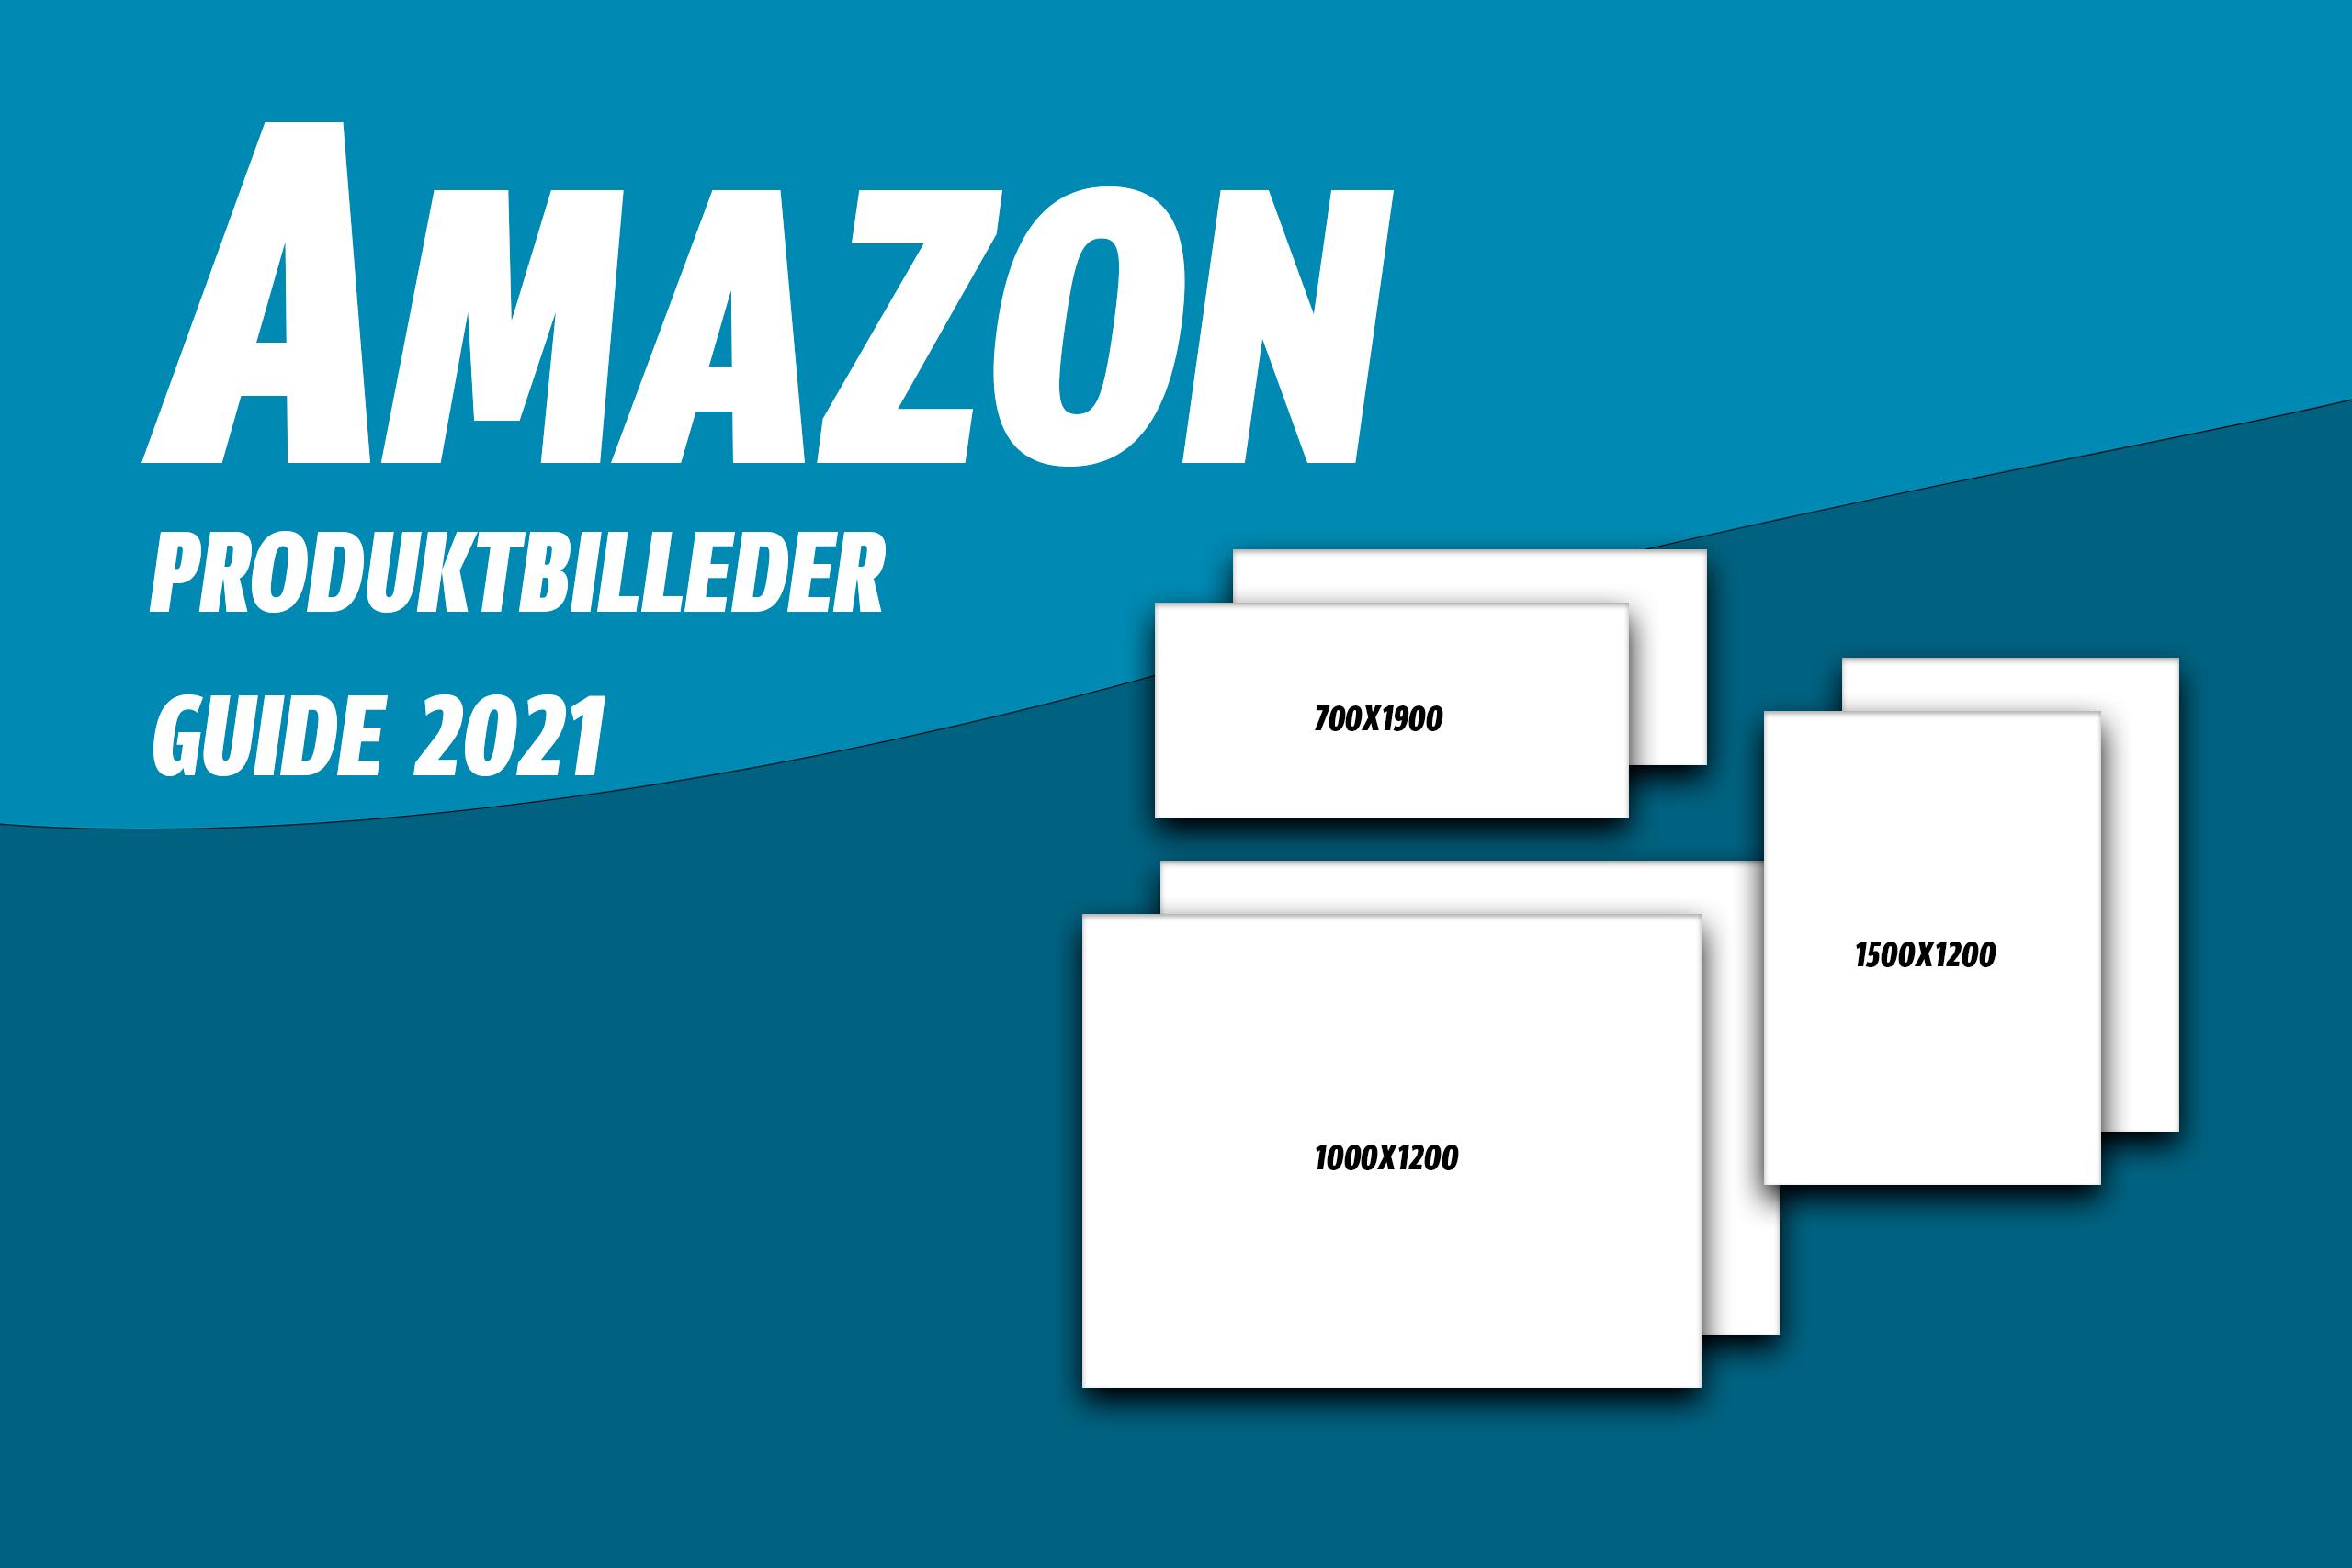 Amazon produktbilleder WeMarket guide